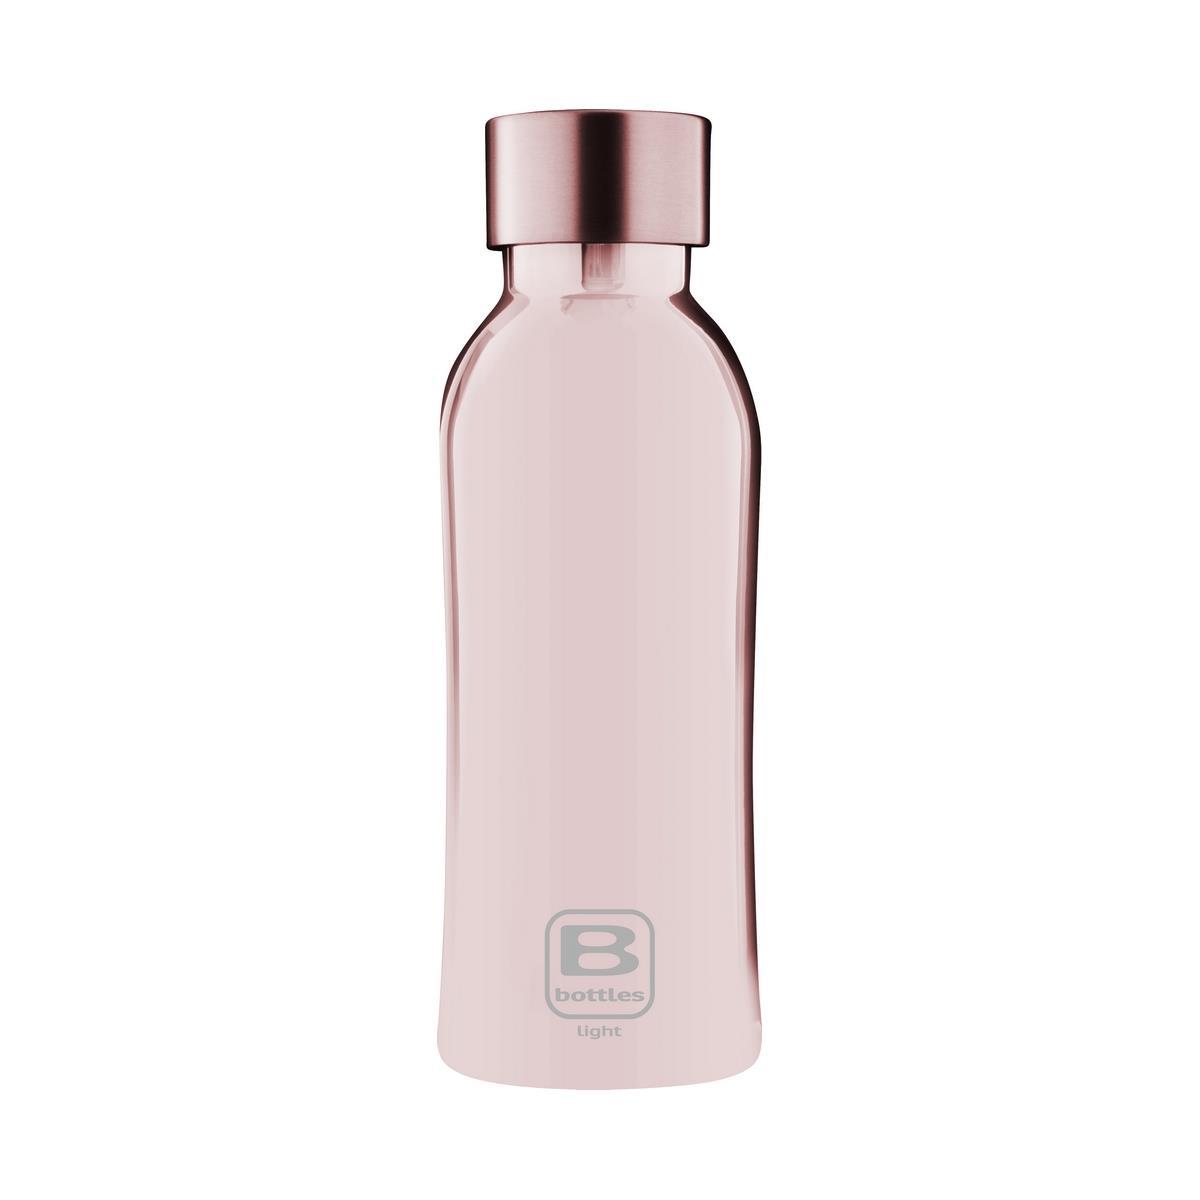 B Bottles Light - Rose Gold Lux - 530 ml - Bottiglia in acciaio inox 18/10 ultra leggera e compatta